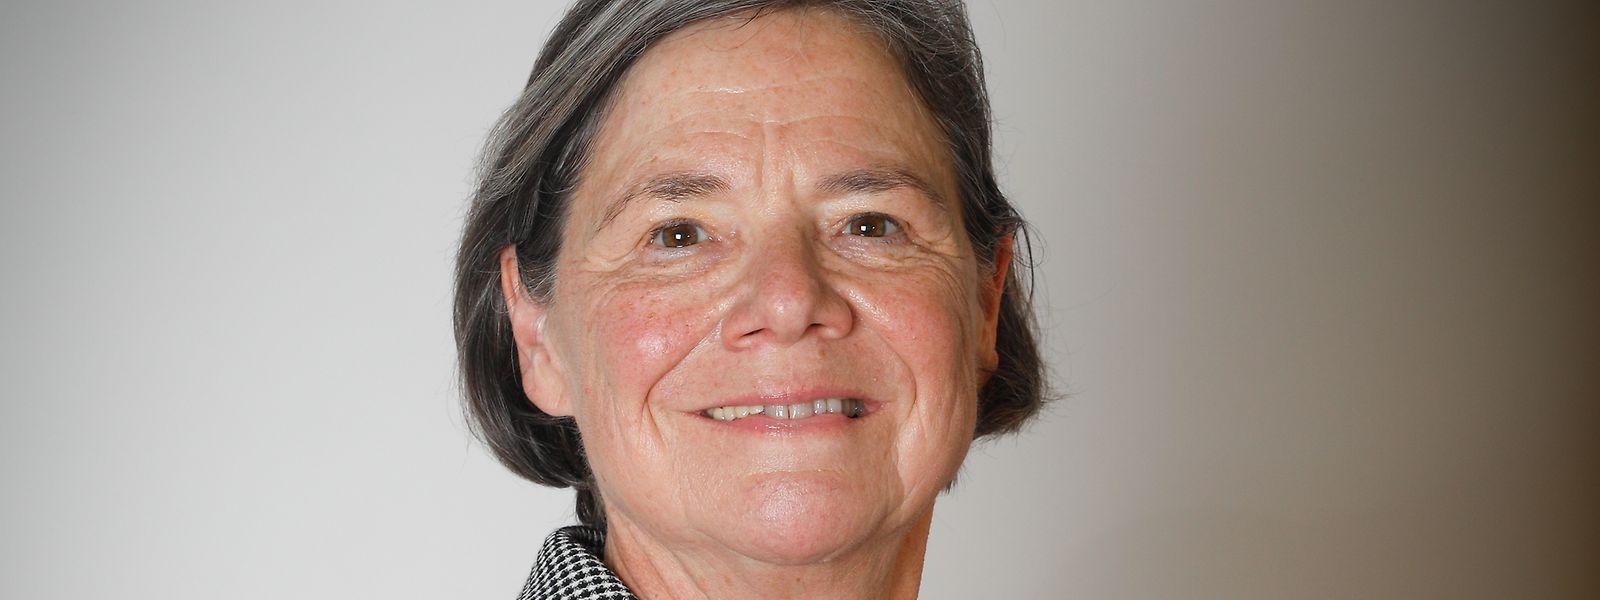 Martine Reicherts, ancienne commissaire européenne à la Justice, succède à François Pauly au poste de présidente du conseil d'administration du groupe Saint-Paul Luxembourg